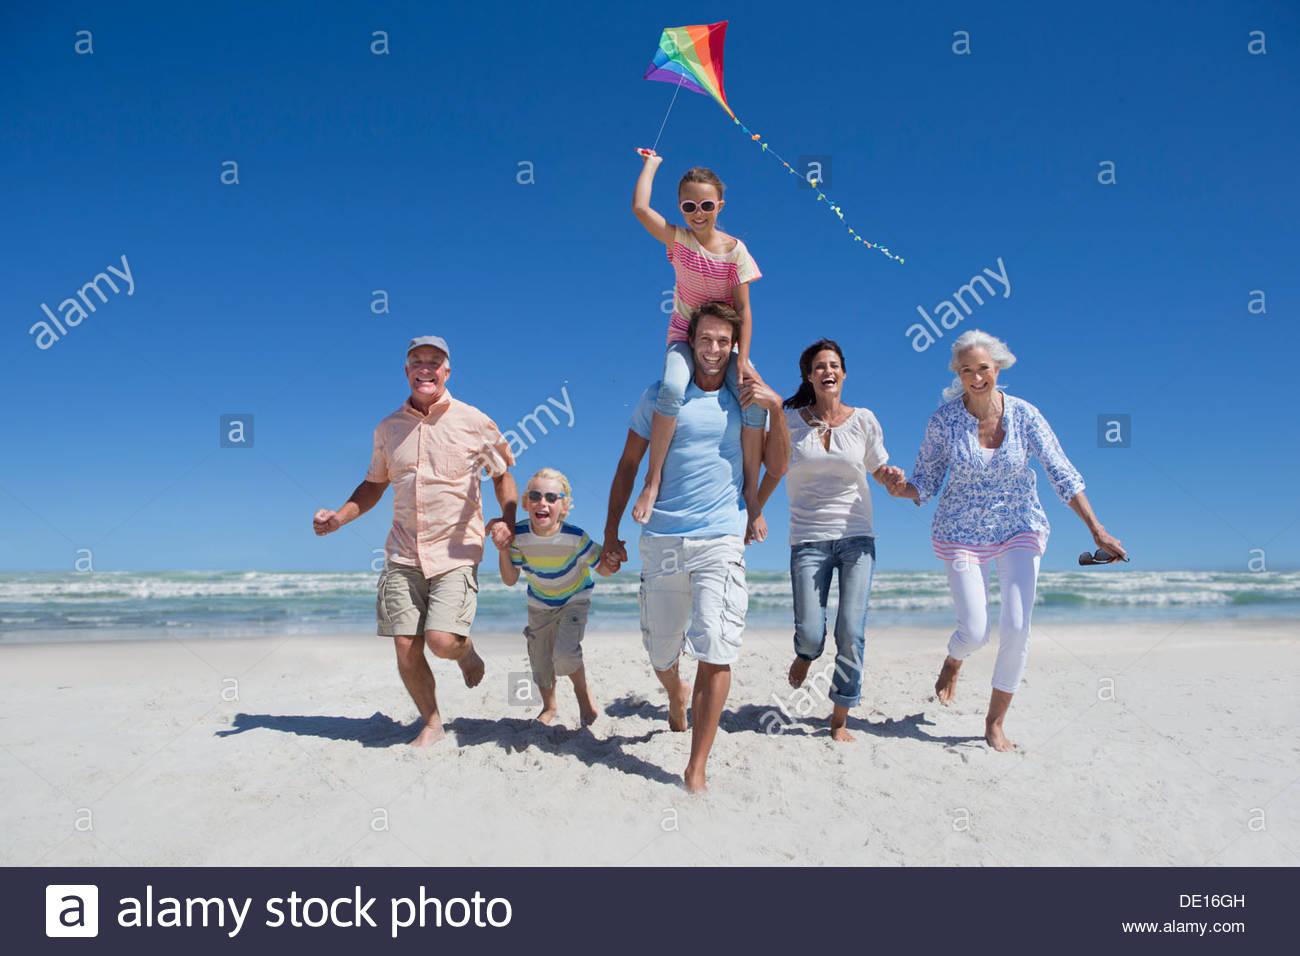 Happy family avec kite s'exécutant sur sunny beach Photo Stock